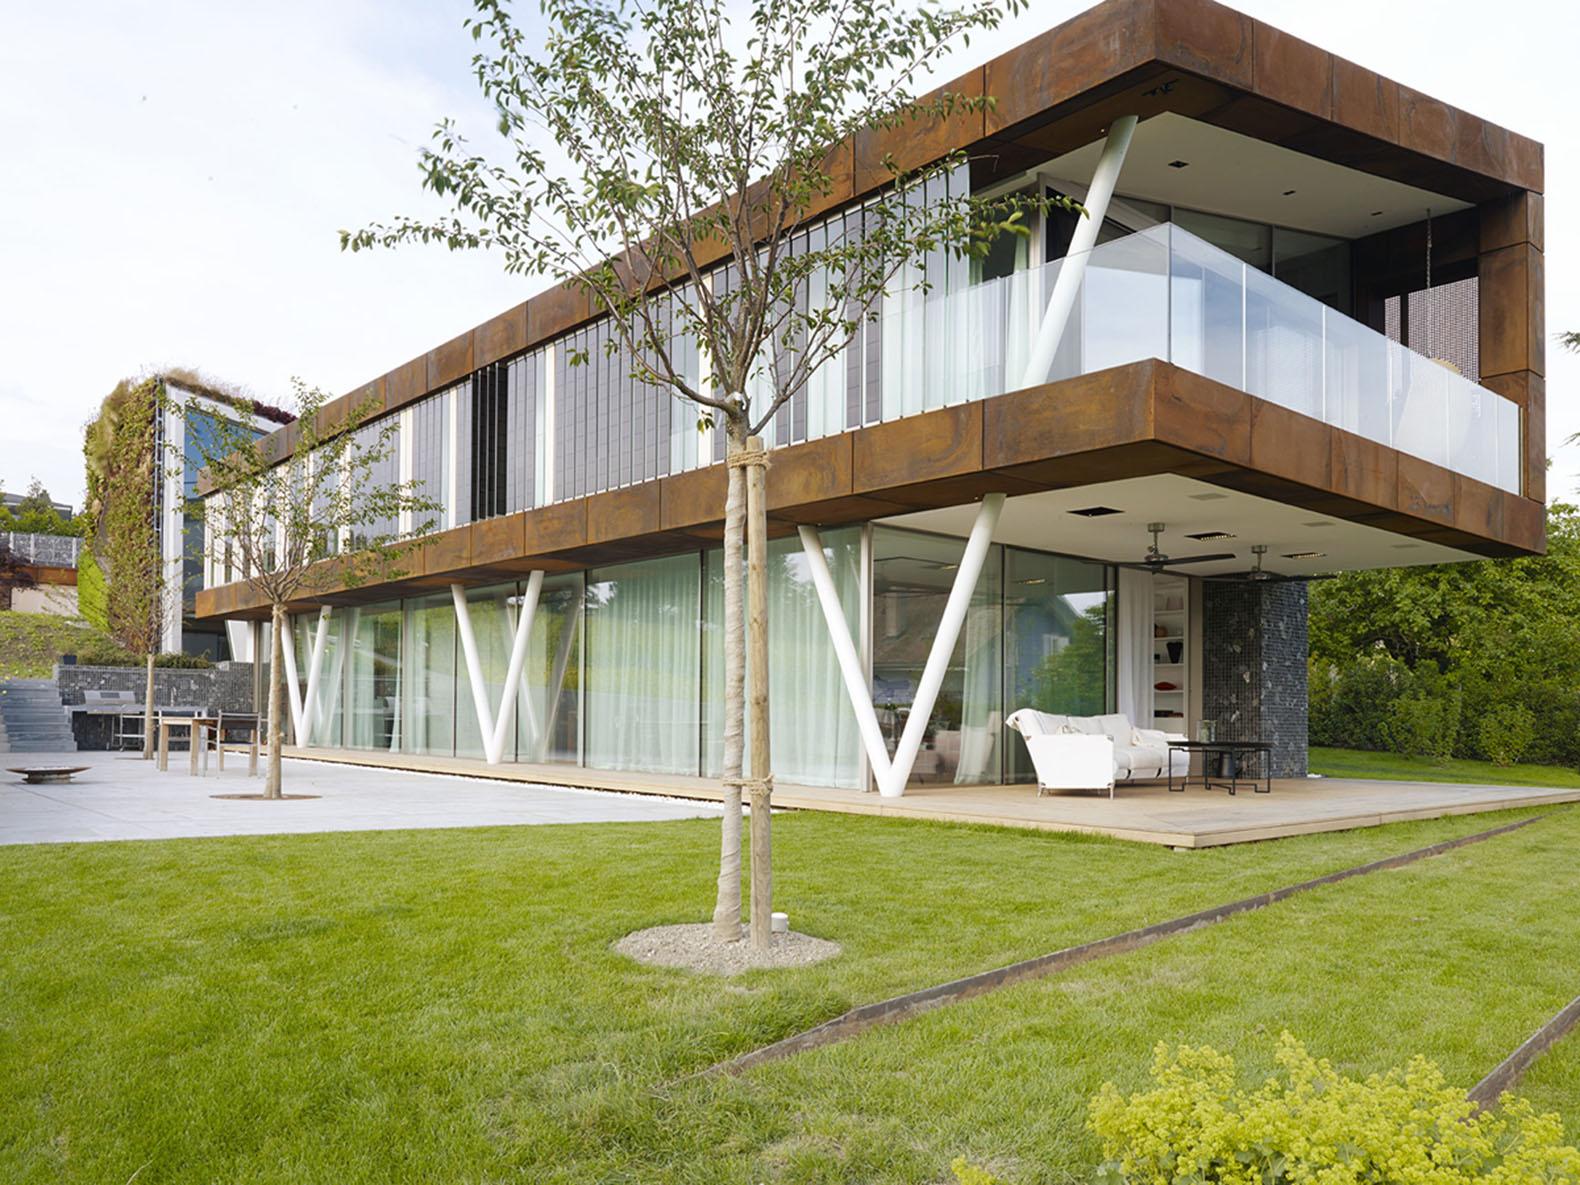 Jewel Box Villa in Switzerland Archtiecture